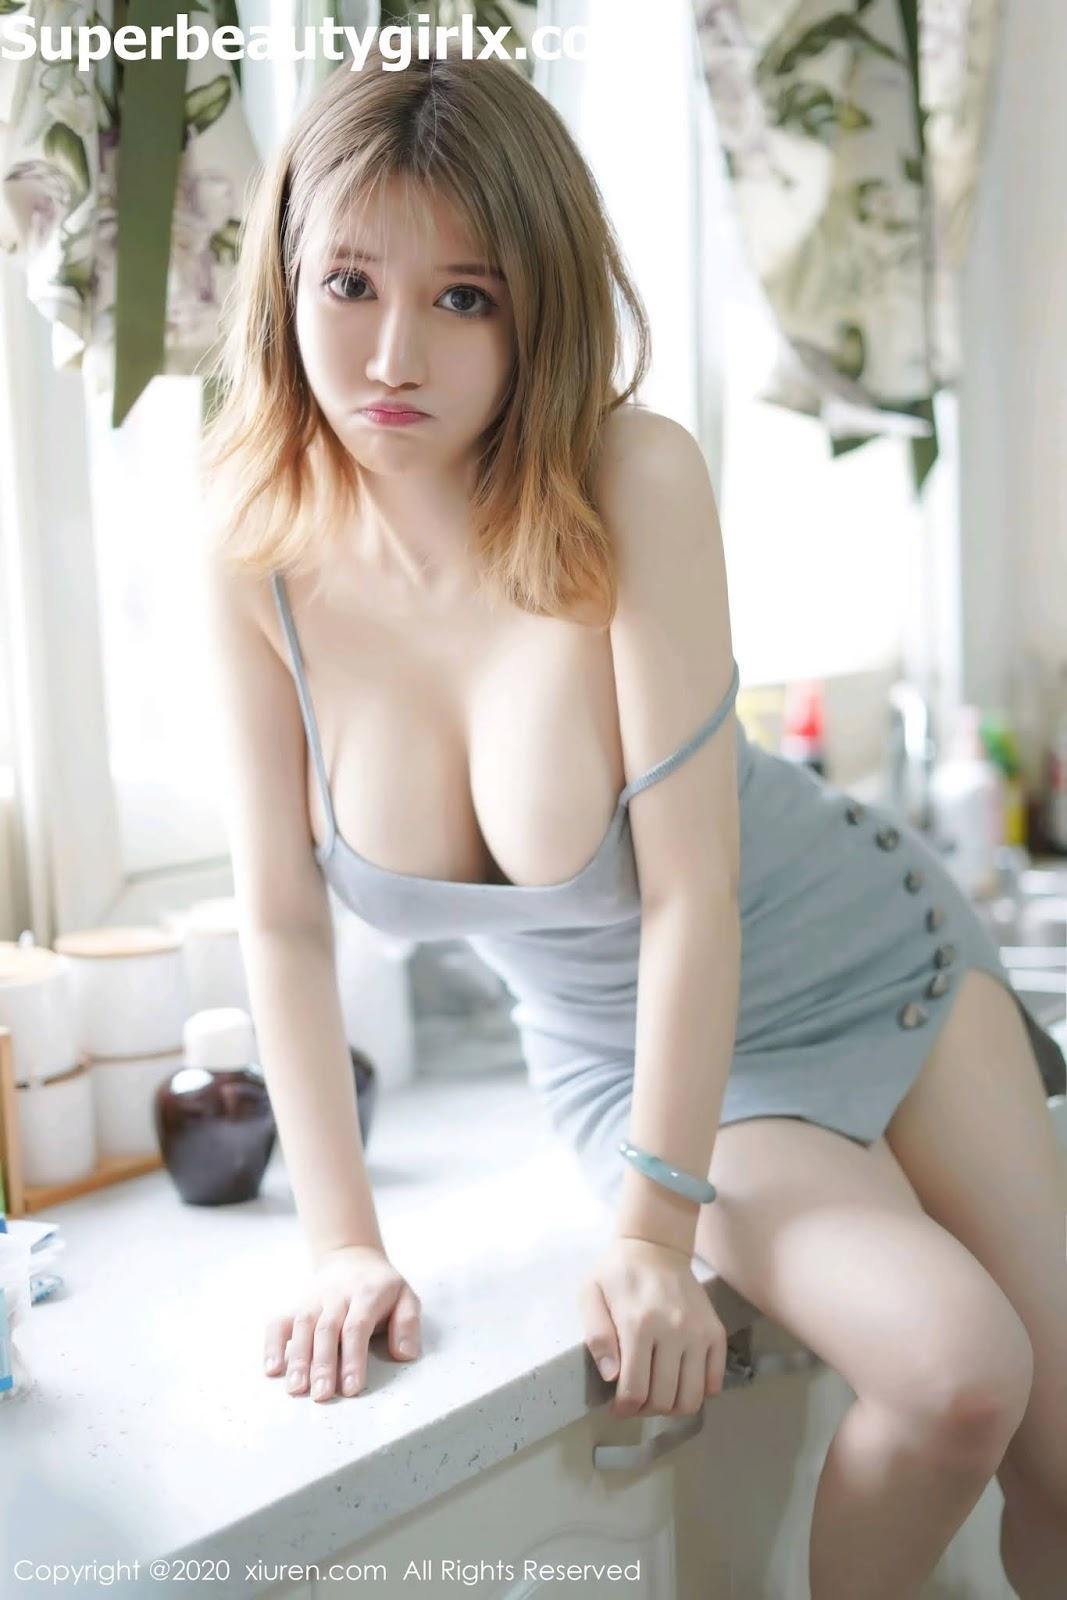 XIUREN-No.2416-Zhou-Da-Meng-Superbeautygirlx.com